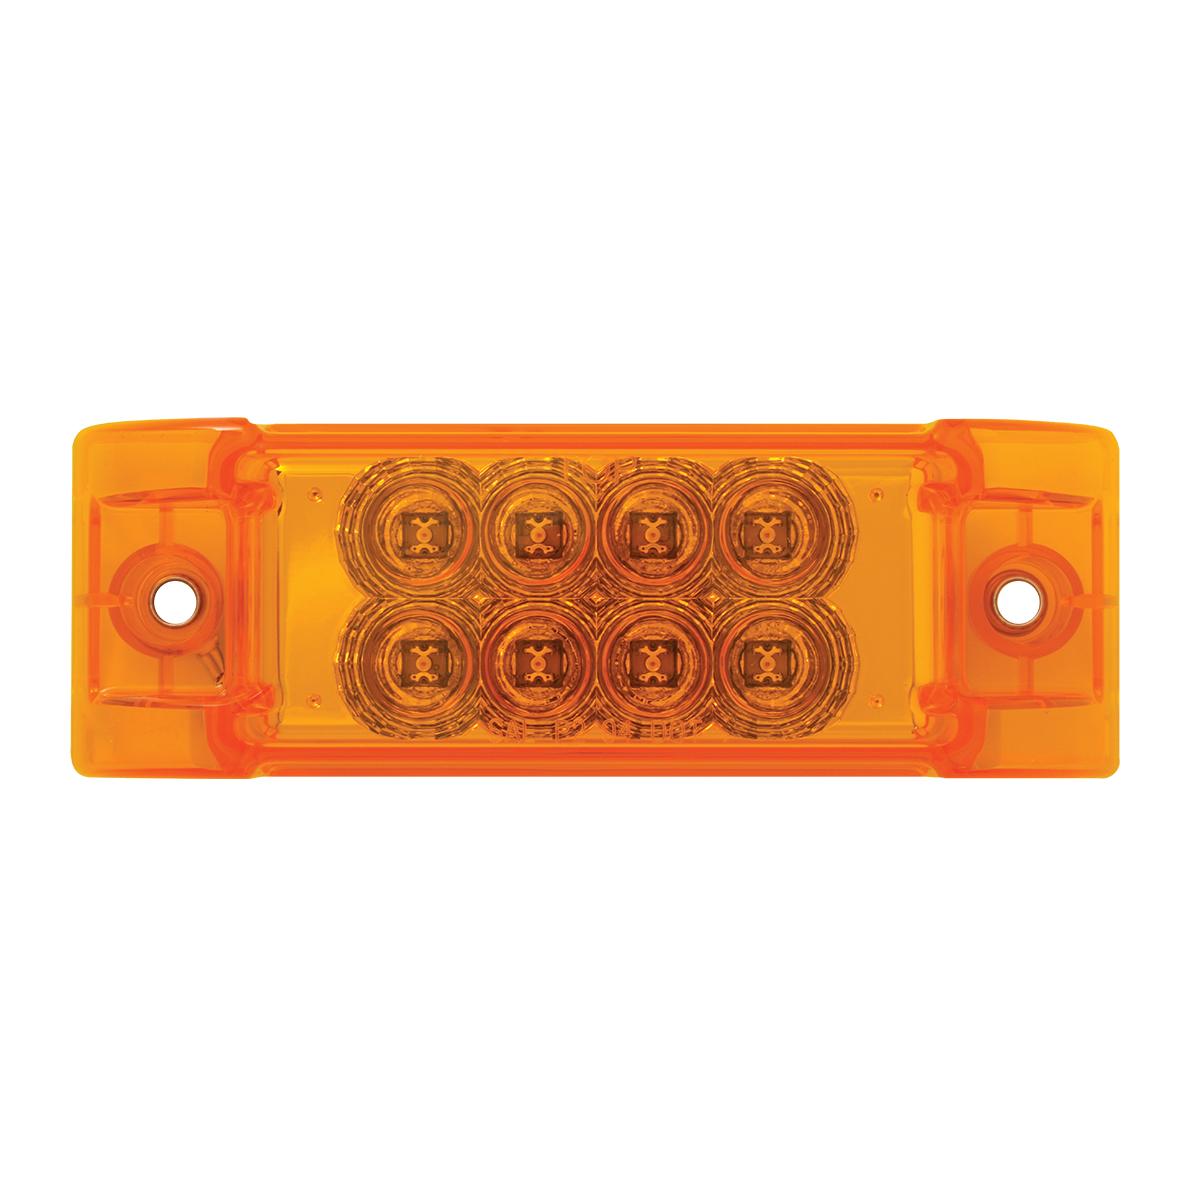 77660 Rectangular Spyder LED Marker Light in Amber/Amber